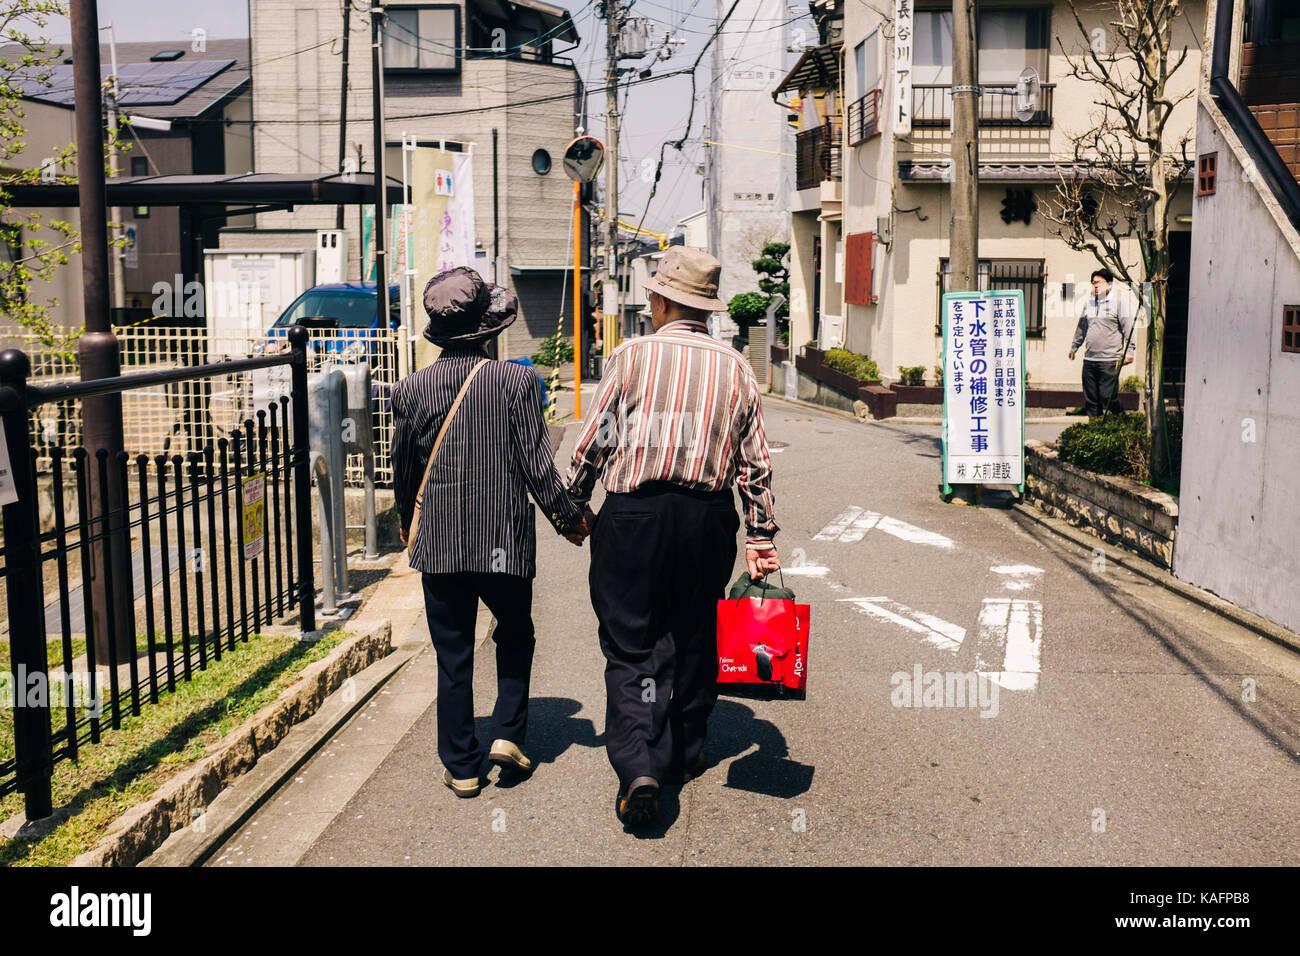 Cada día escena callejera en Japón. pareja caminando de la mano Imagen De Stock